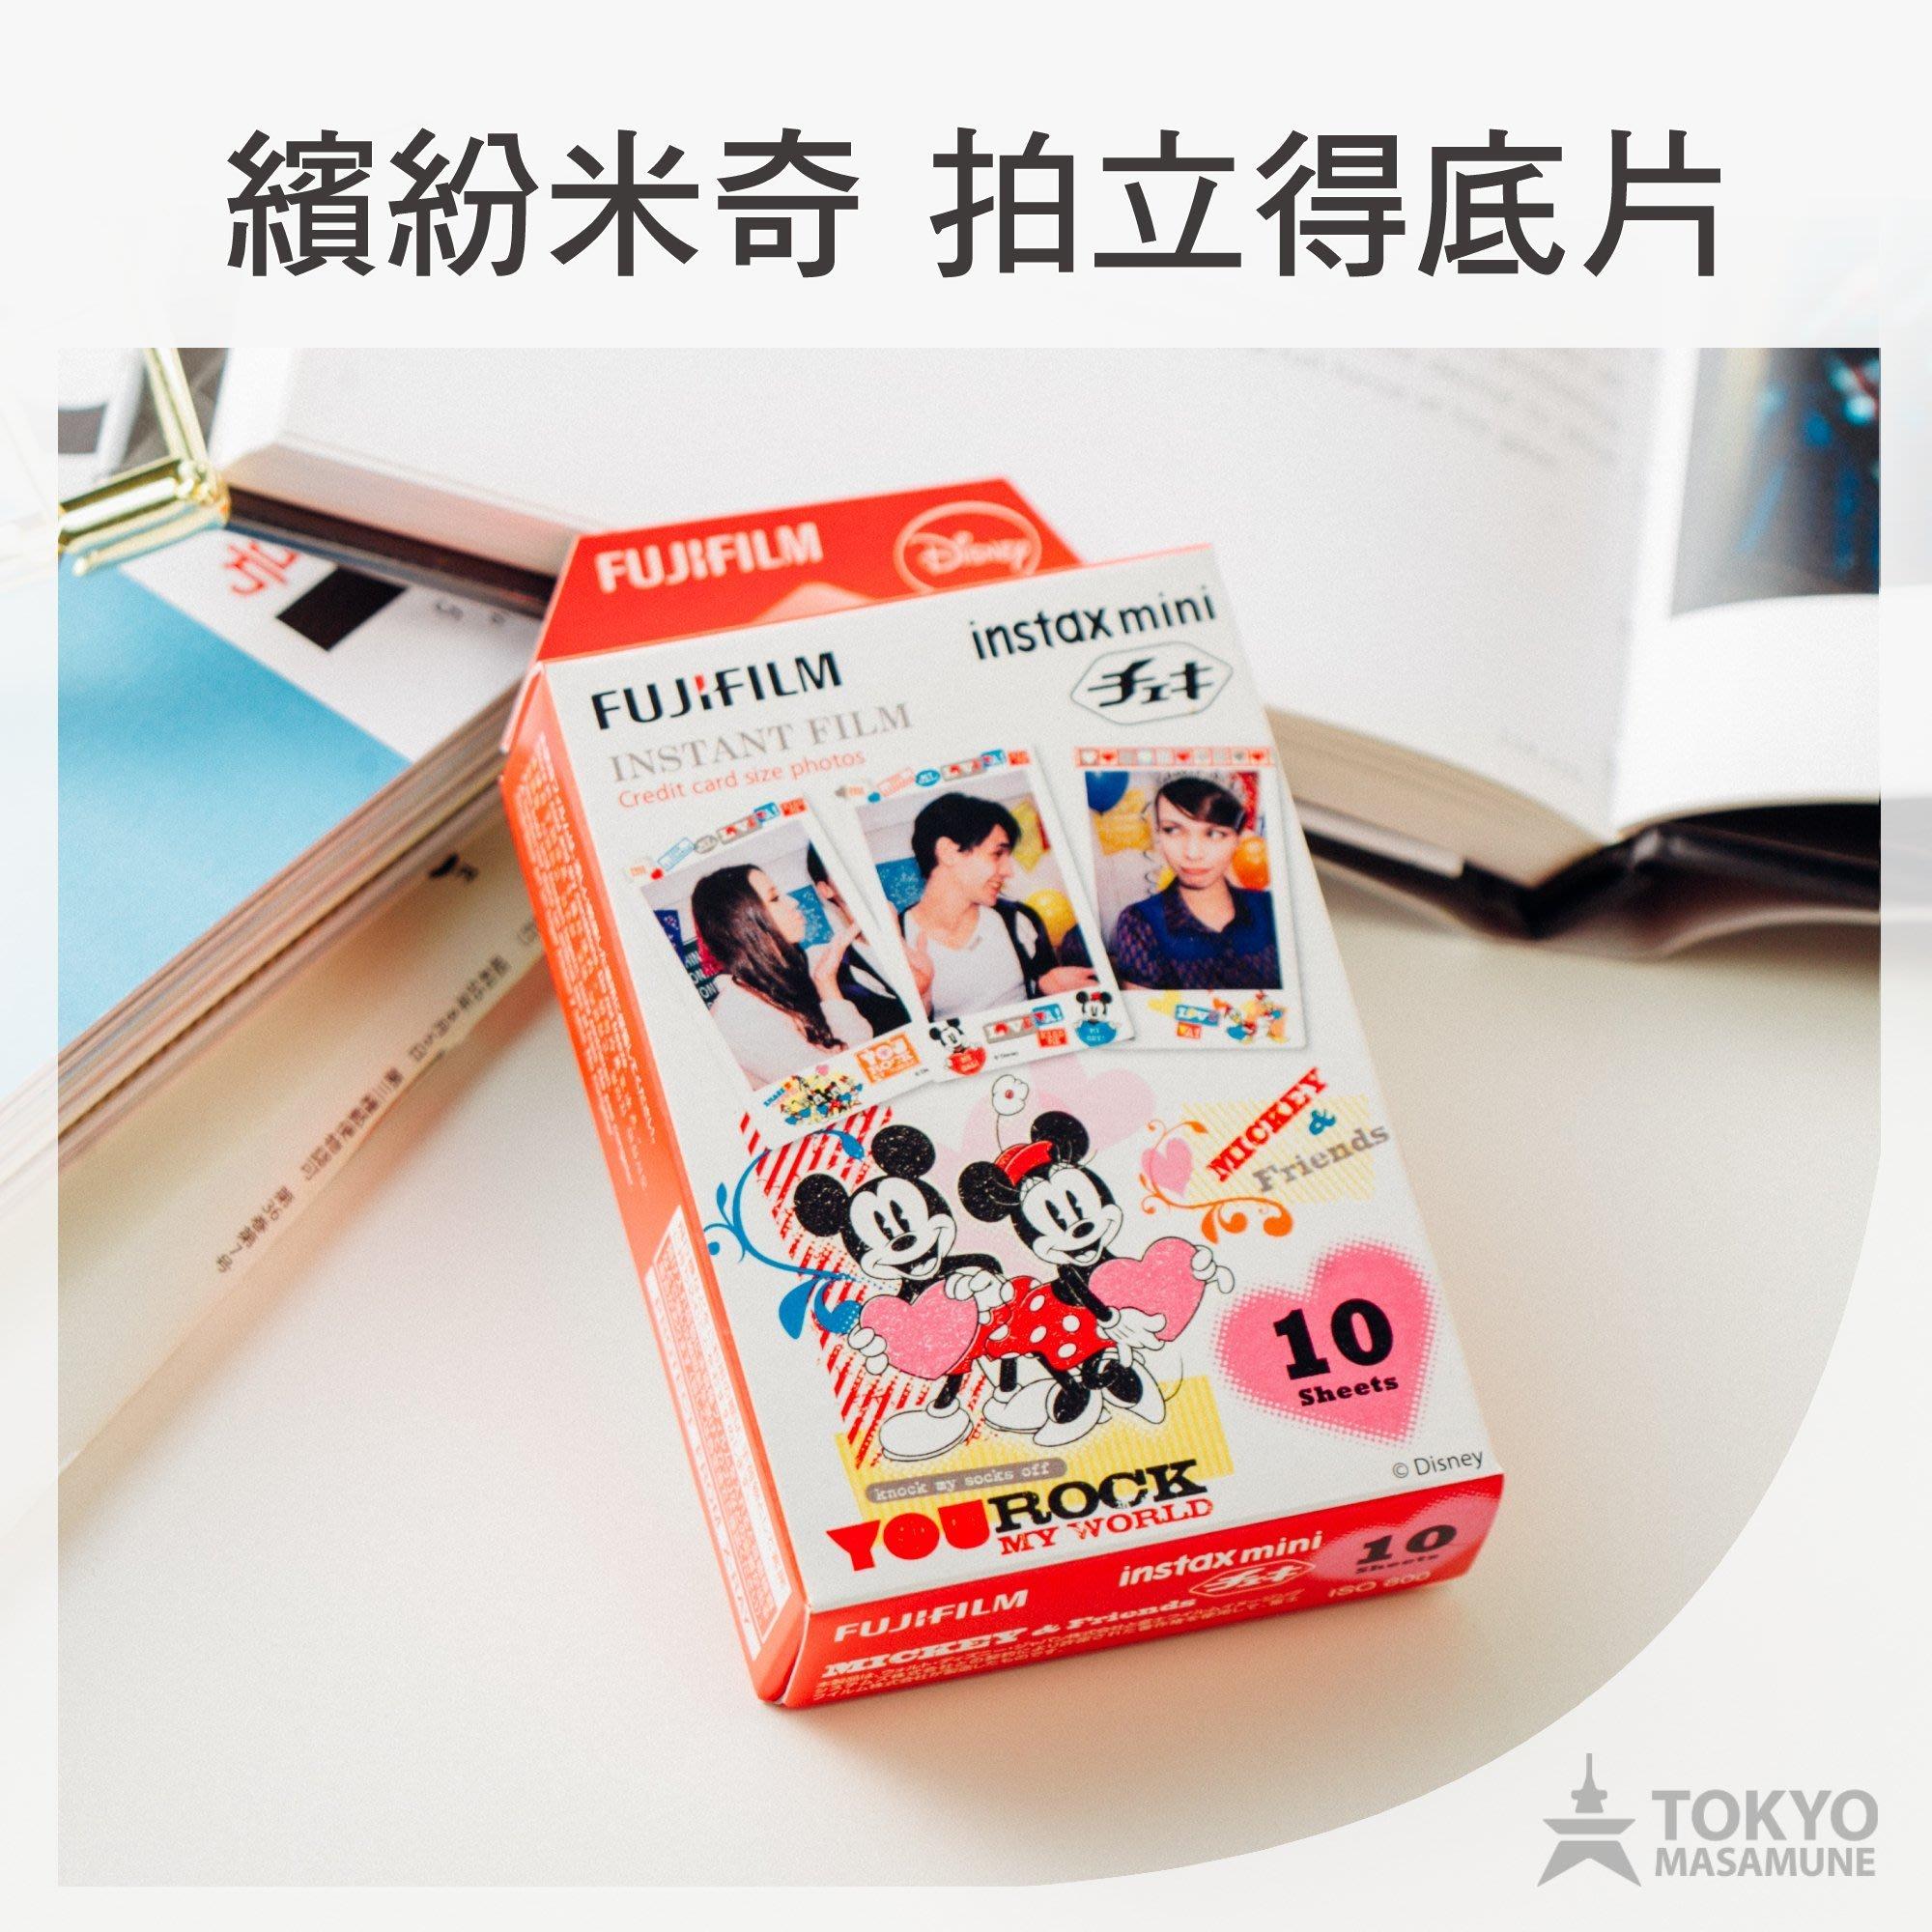 【東京正宗】拍立得 富士 instax mini 繽紛米奇 好朋友 底片 mini系列 拍立得 均可適用